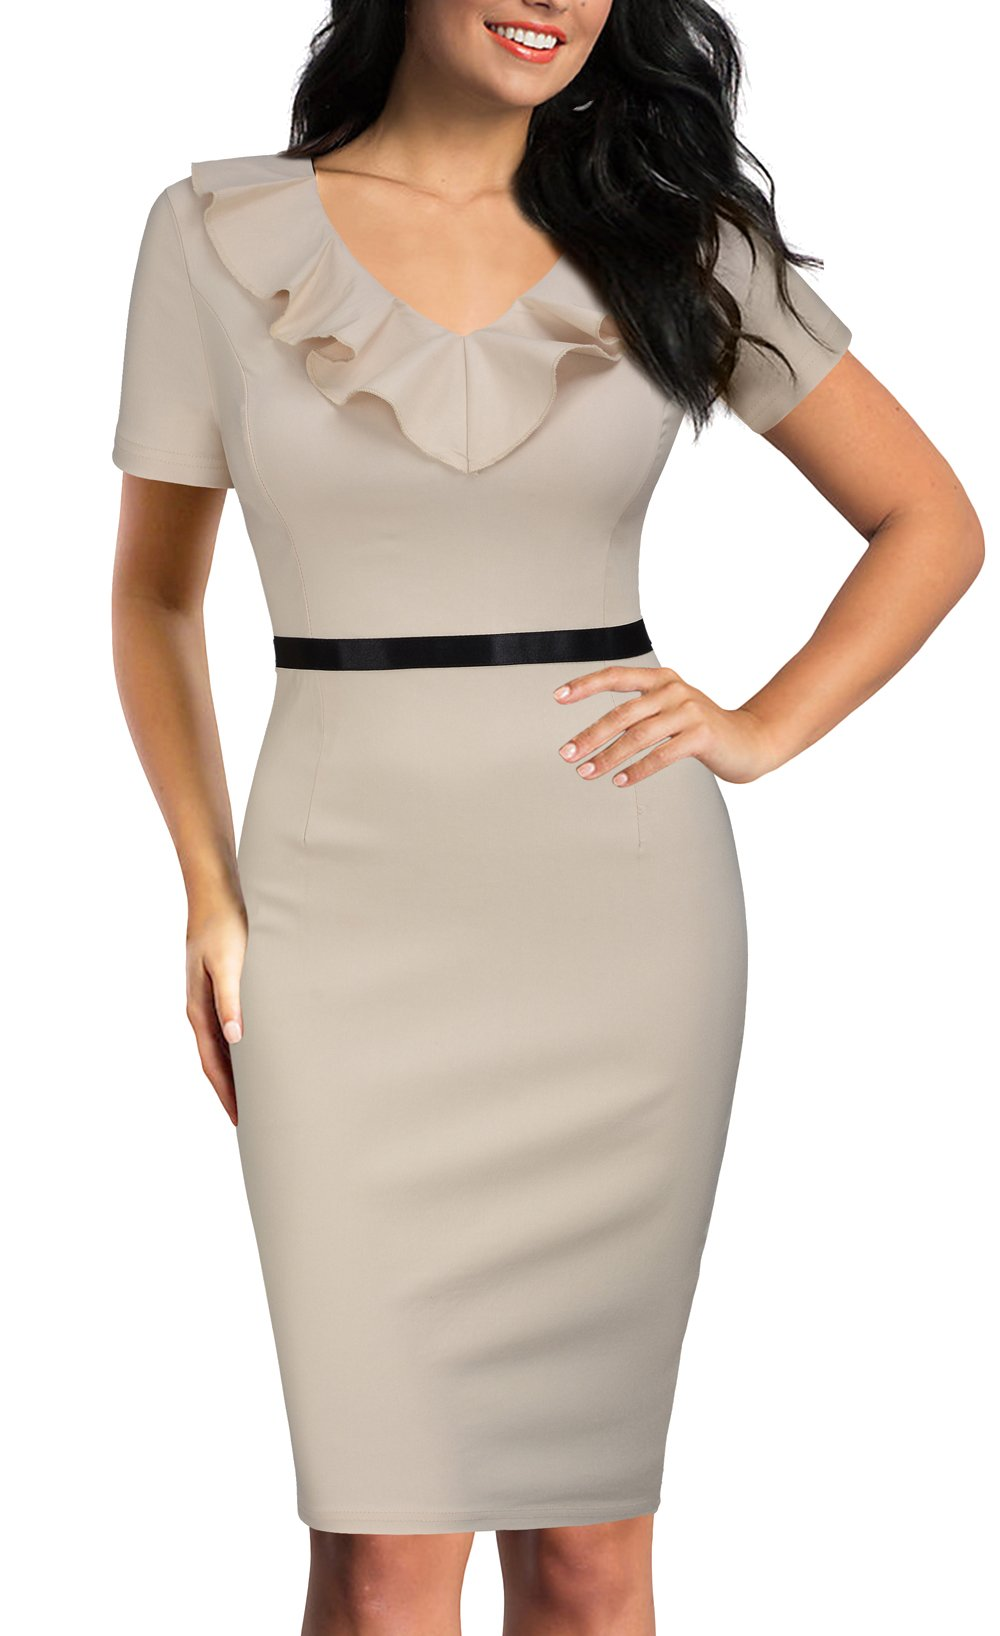 REPHYLLIS Women's Ruffles Short Sleeve Business Cocktail Pencil Dress XL Beige